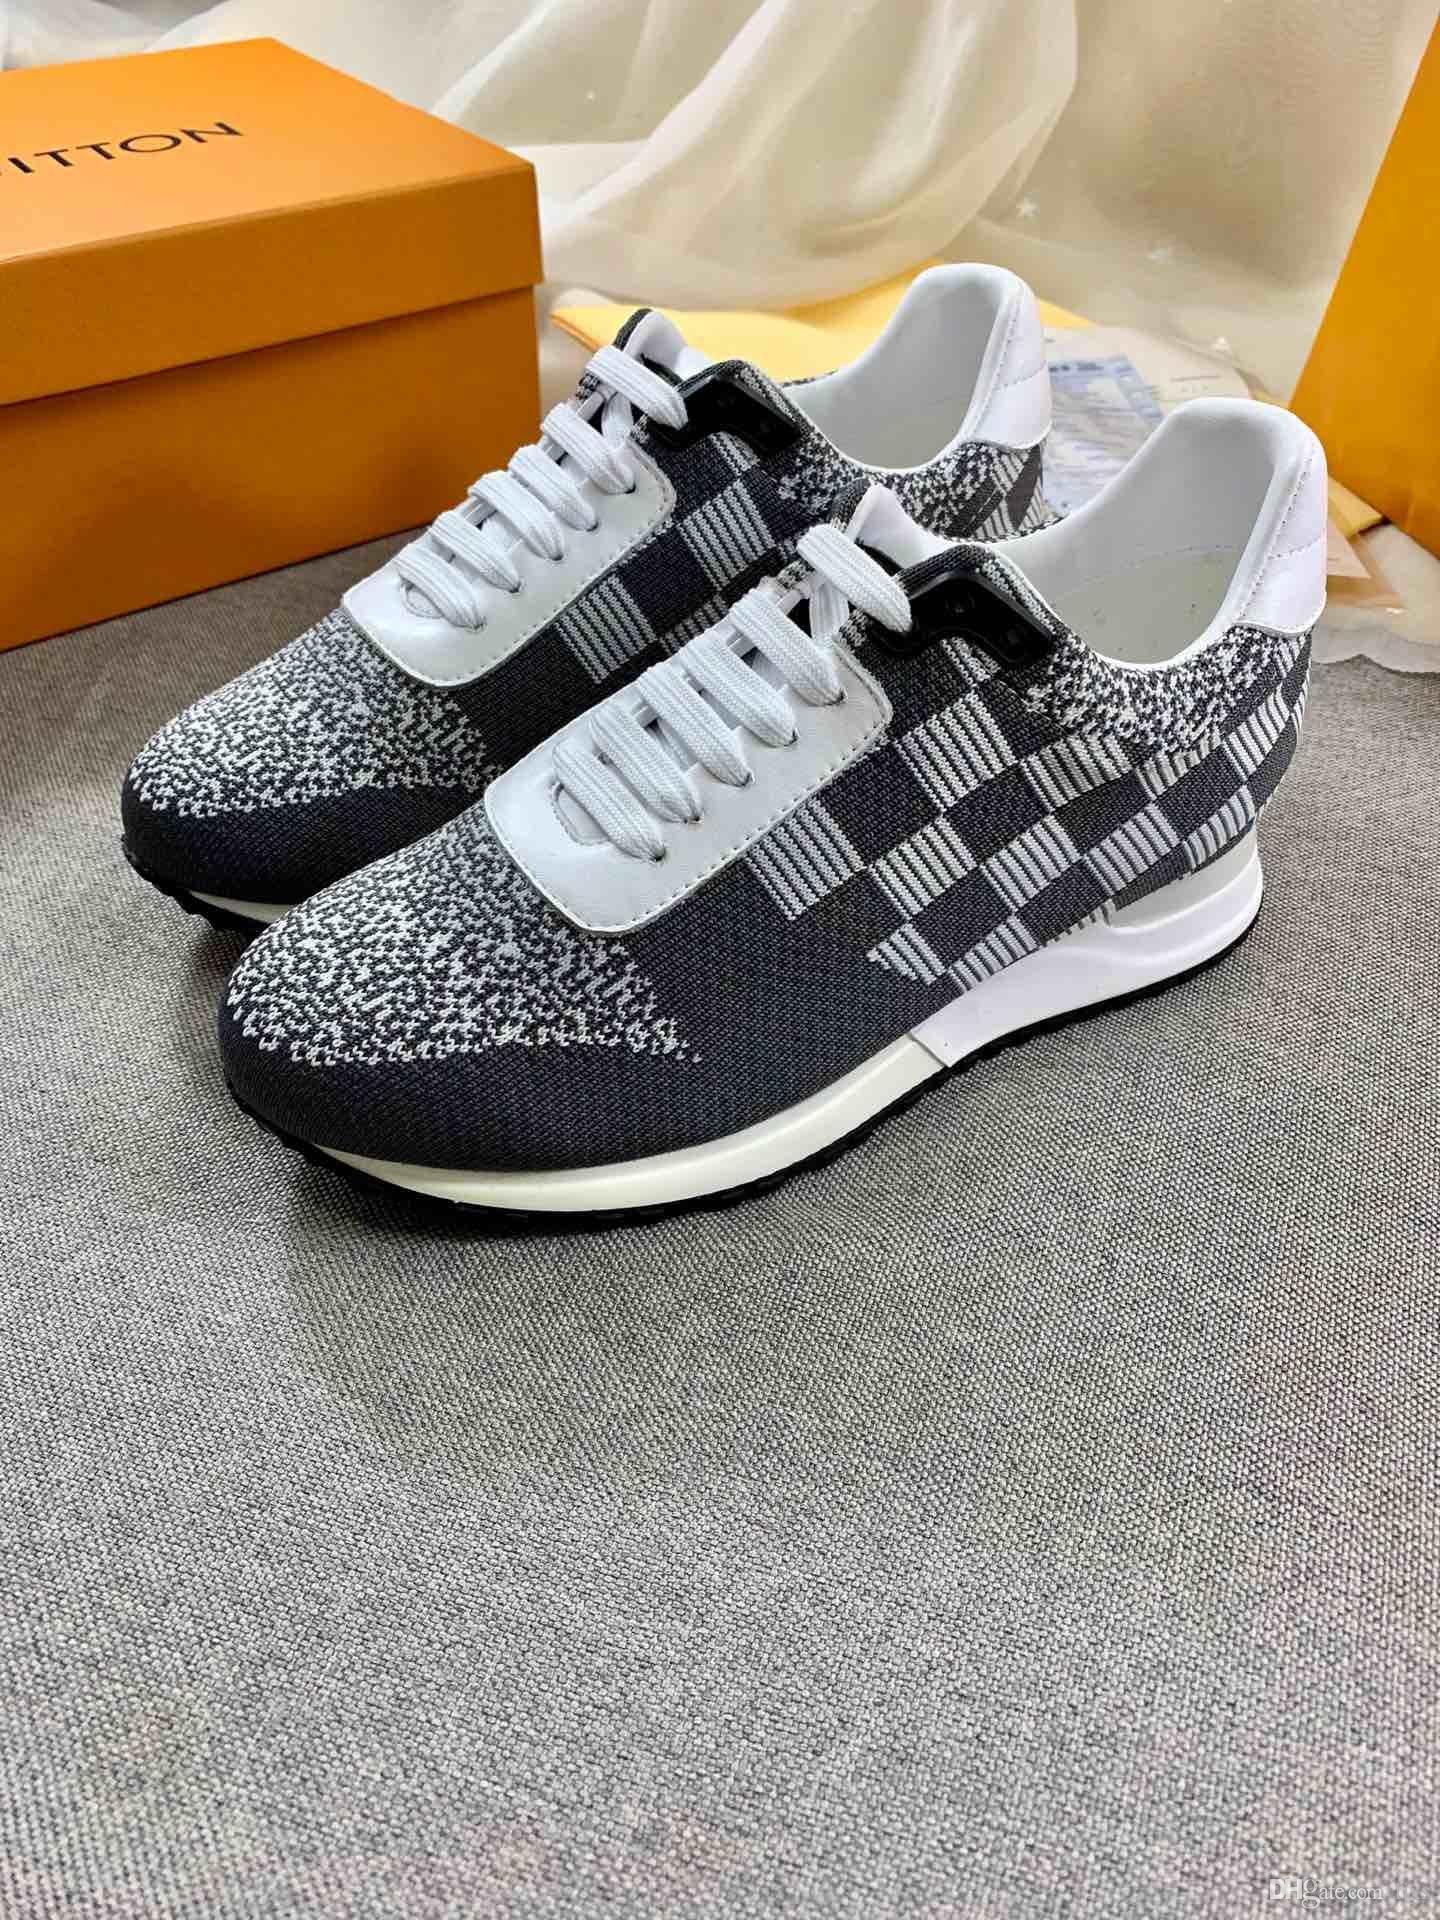 2020 scarpe da uomo di nefes yürüyüş ayakkabıları kadının eğitmenler lüks platformu spor ayakkabıları harfler di lusso Gri yüzey deri tasarım